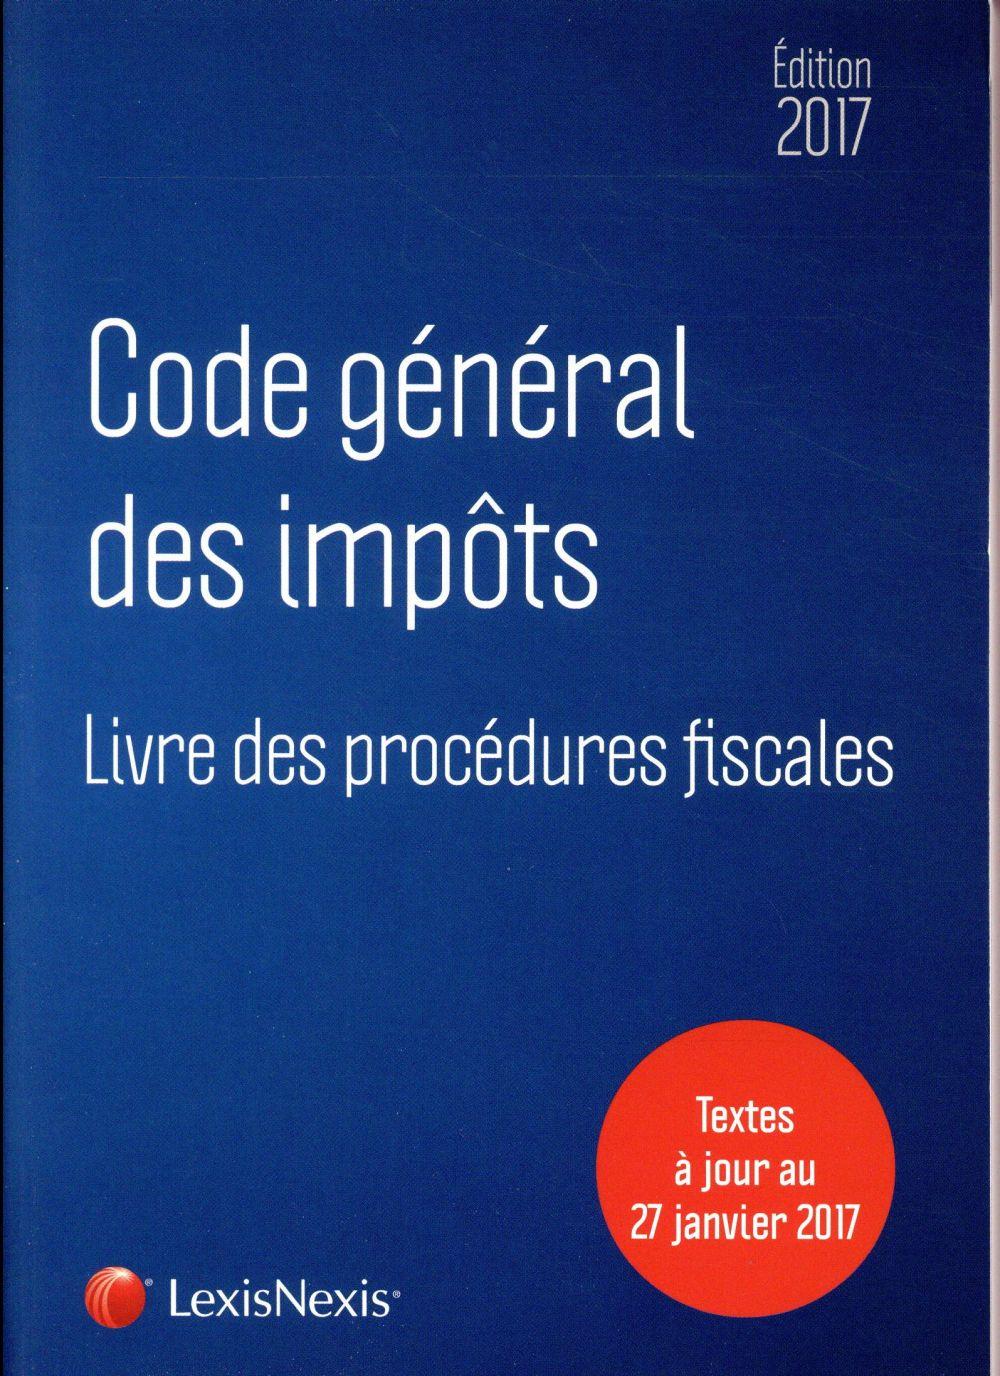 Code général des impôts (édition 2017)